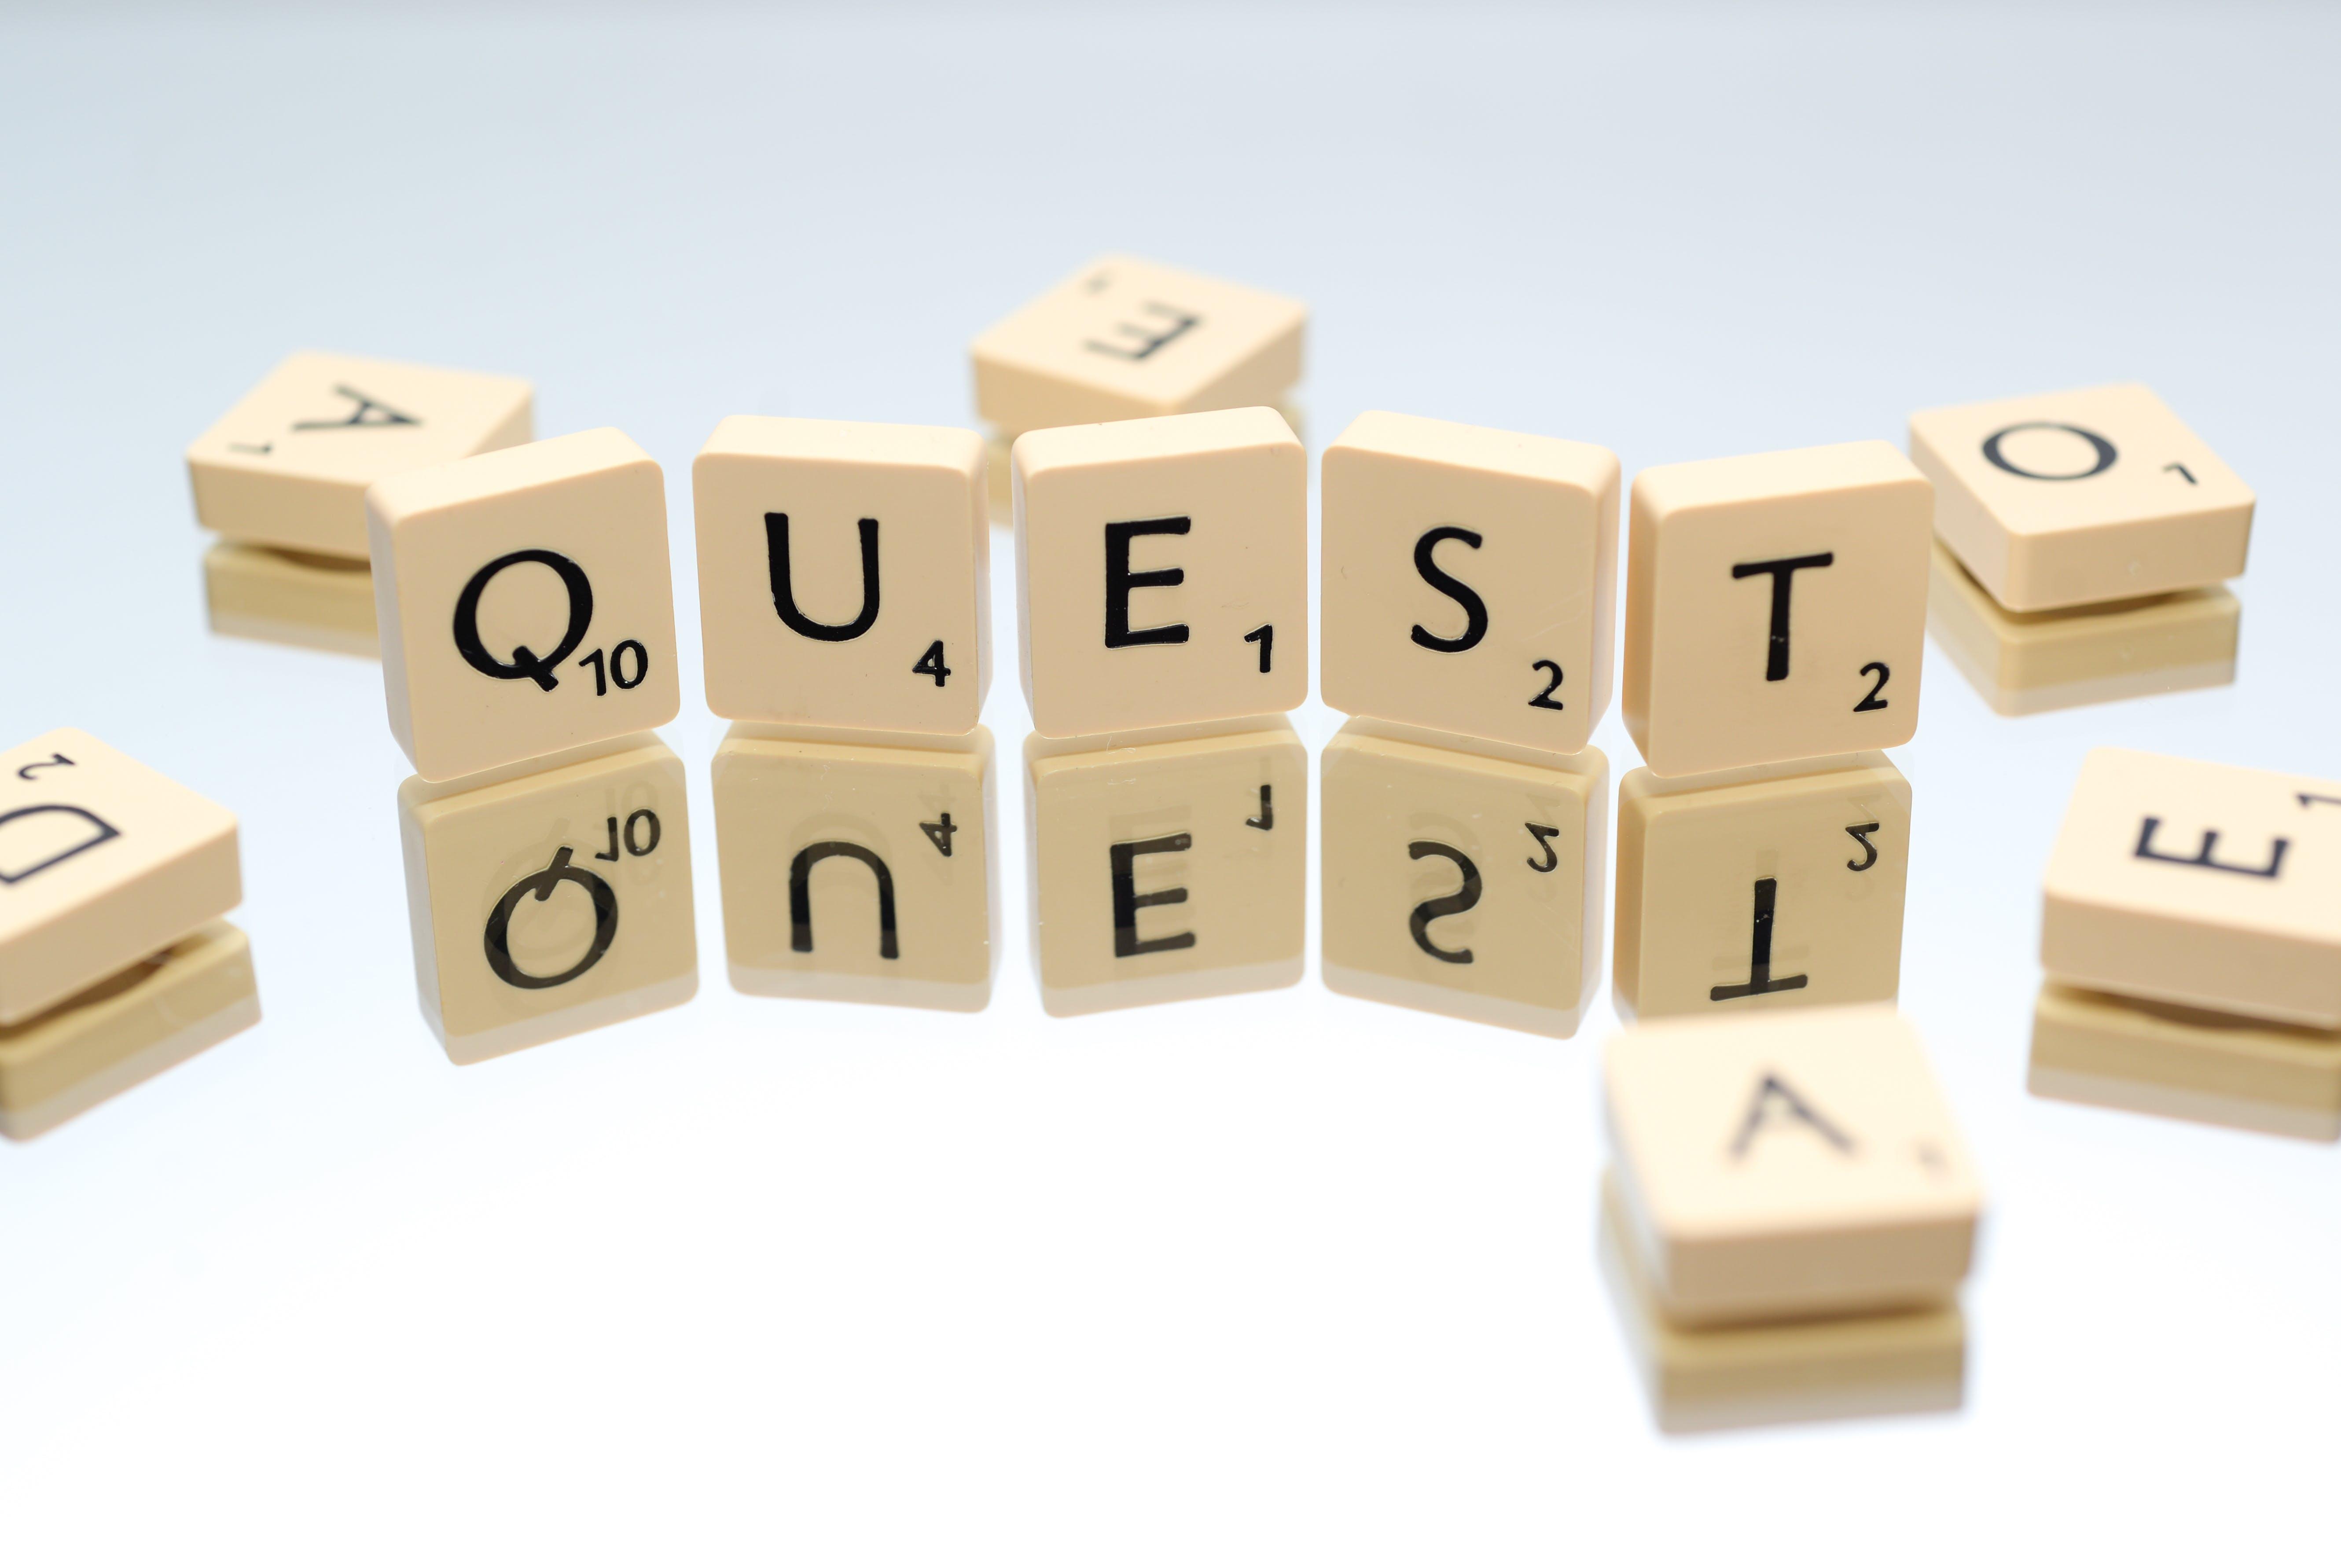 Quest Letter Blocks